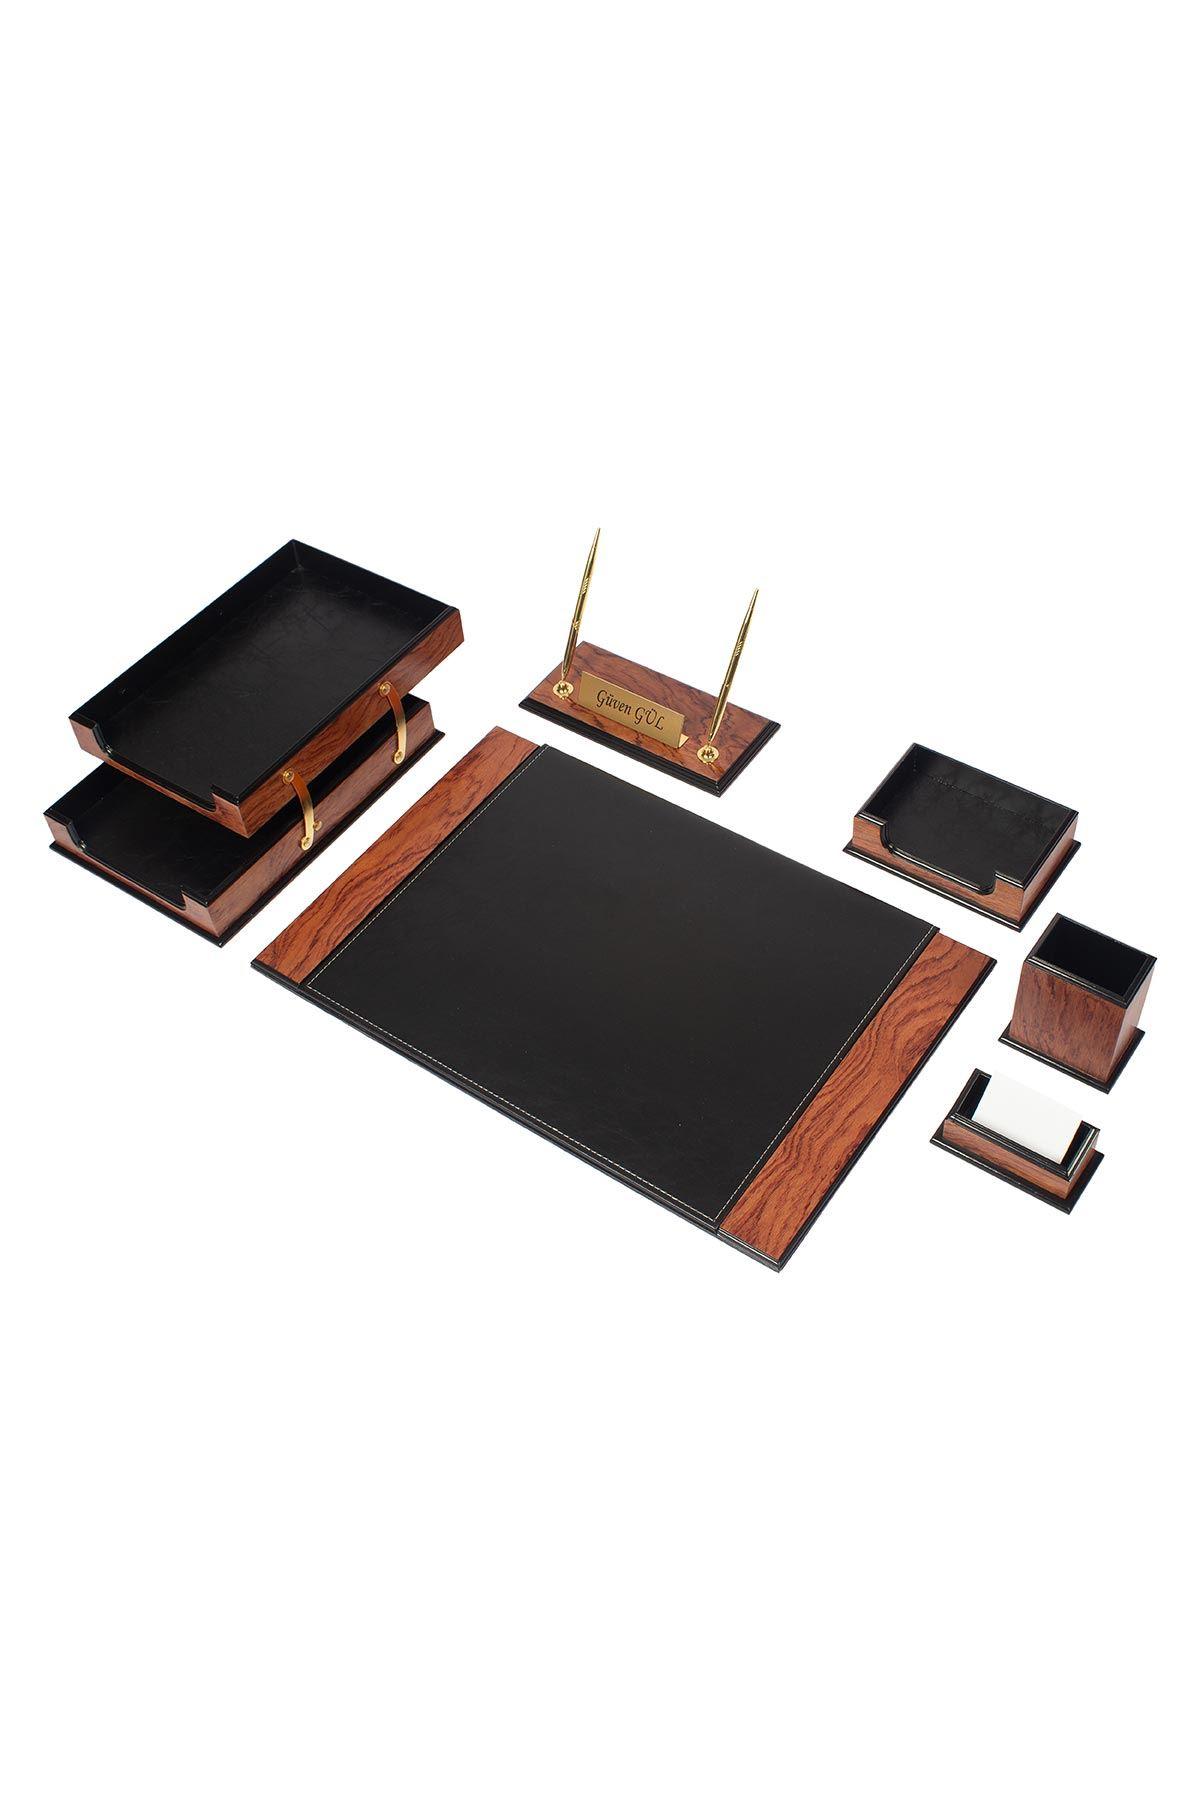 Wooden Prestige Desk Set Rose Black 8 Accessories